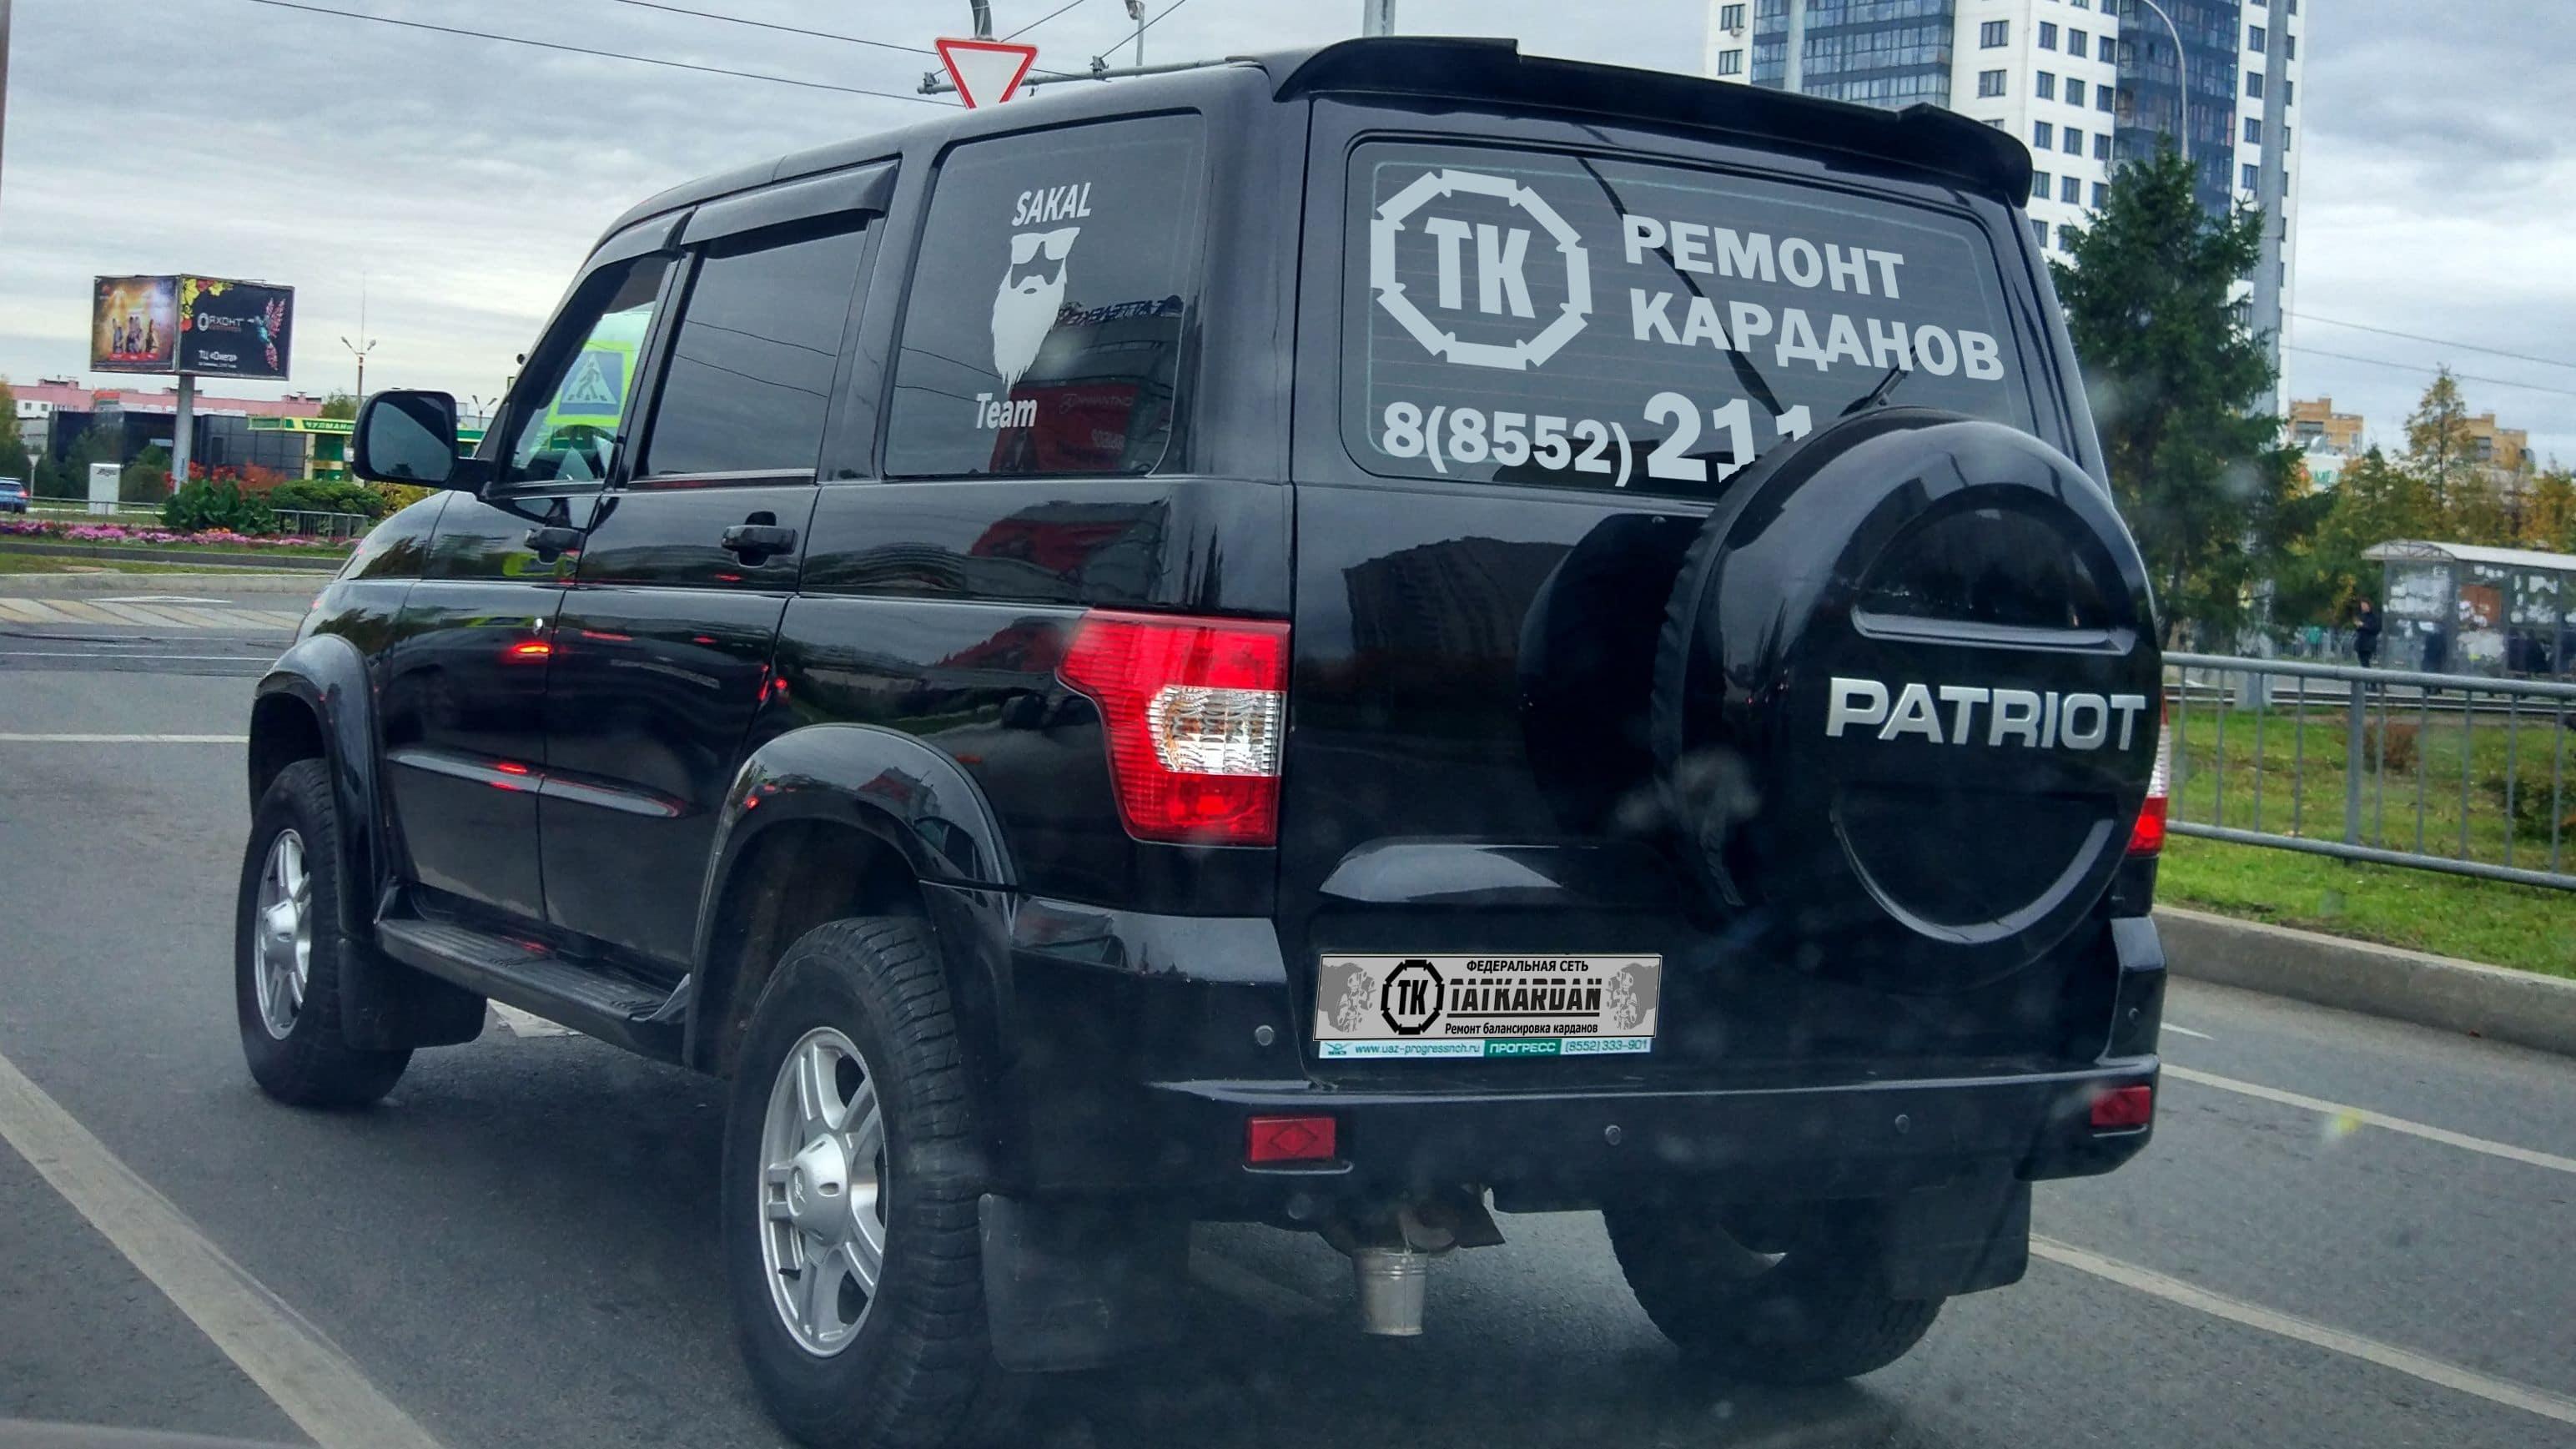 Ремонт кардана УАЗ Патриот